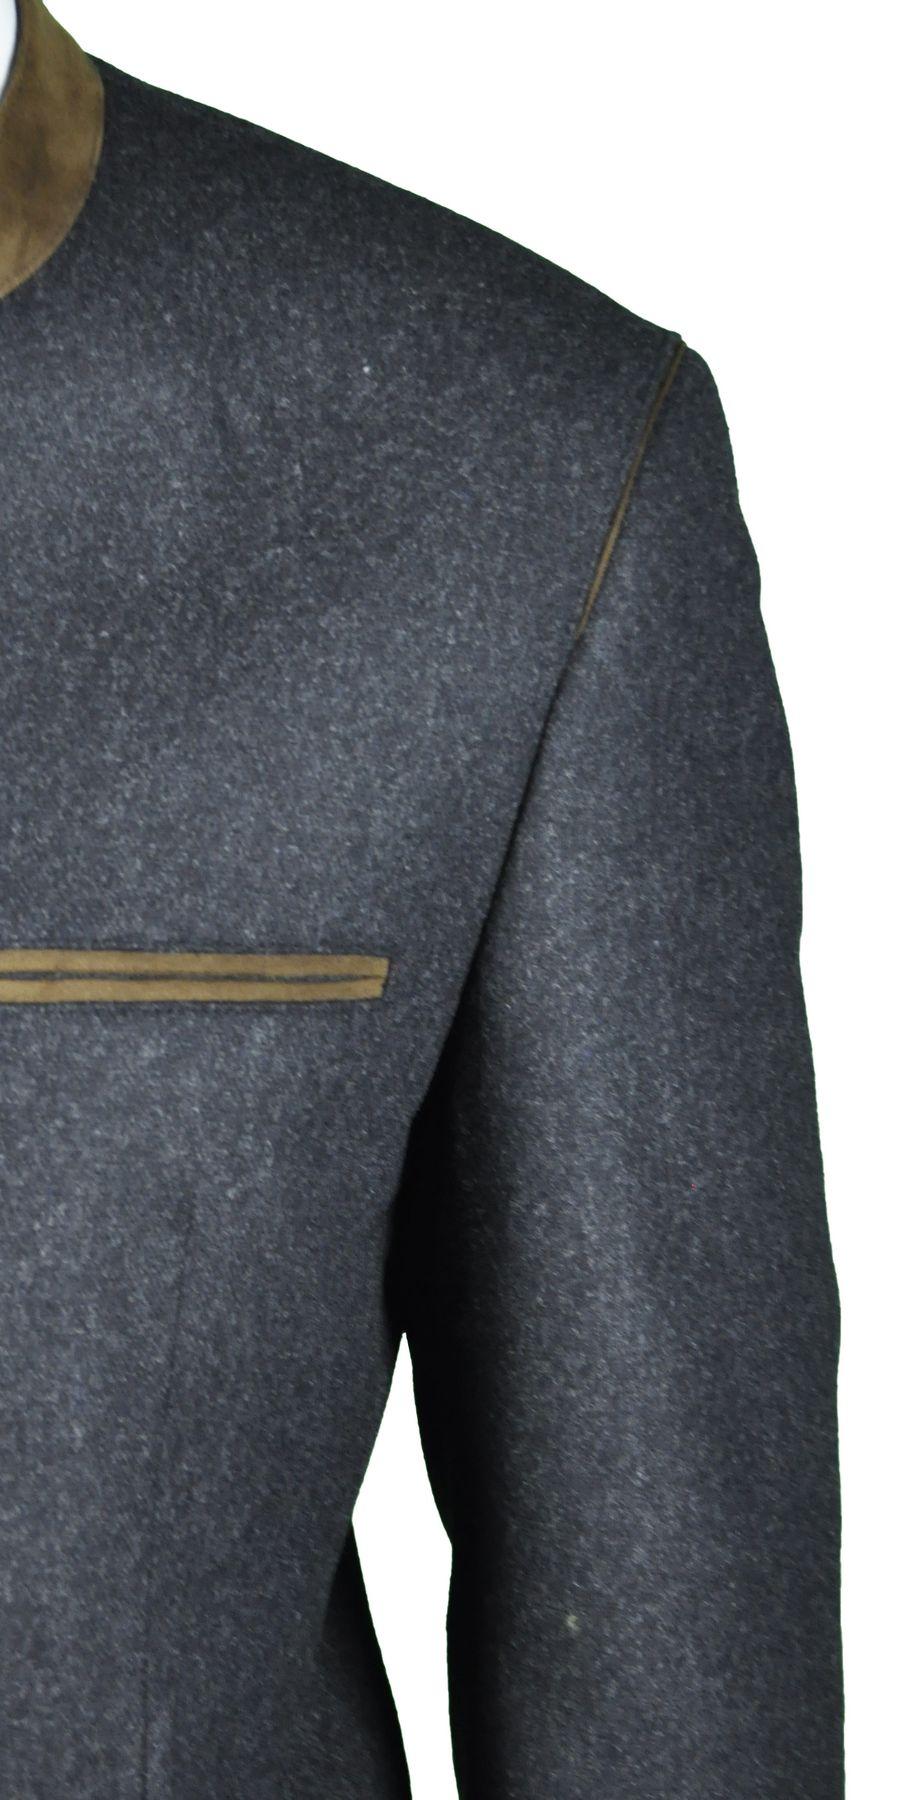 Herren Trachten Janker aus Wolle in der Farbe Anthrazit, Alpsee (526 1084/7660-8/01) – Bild 2